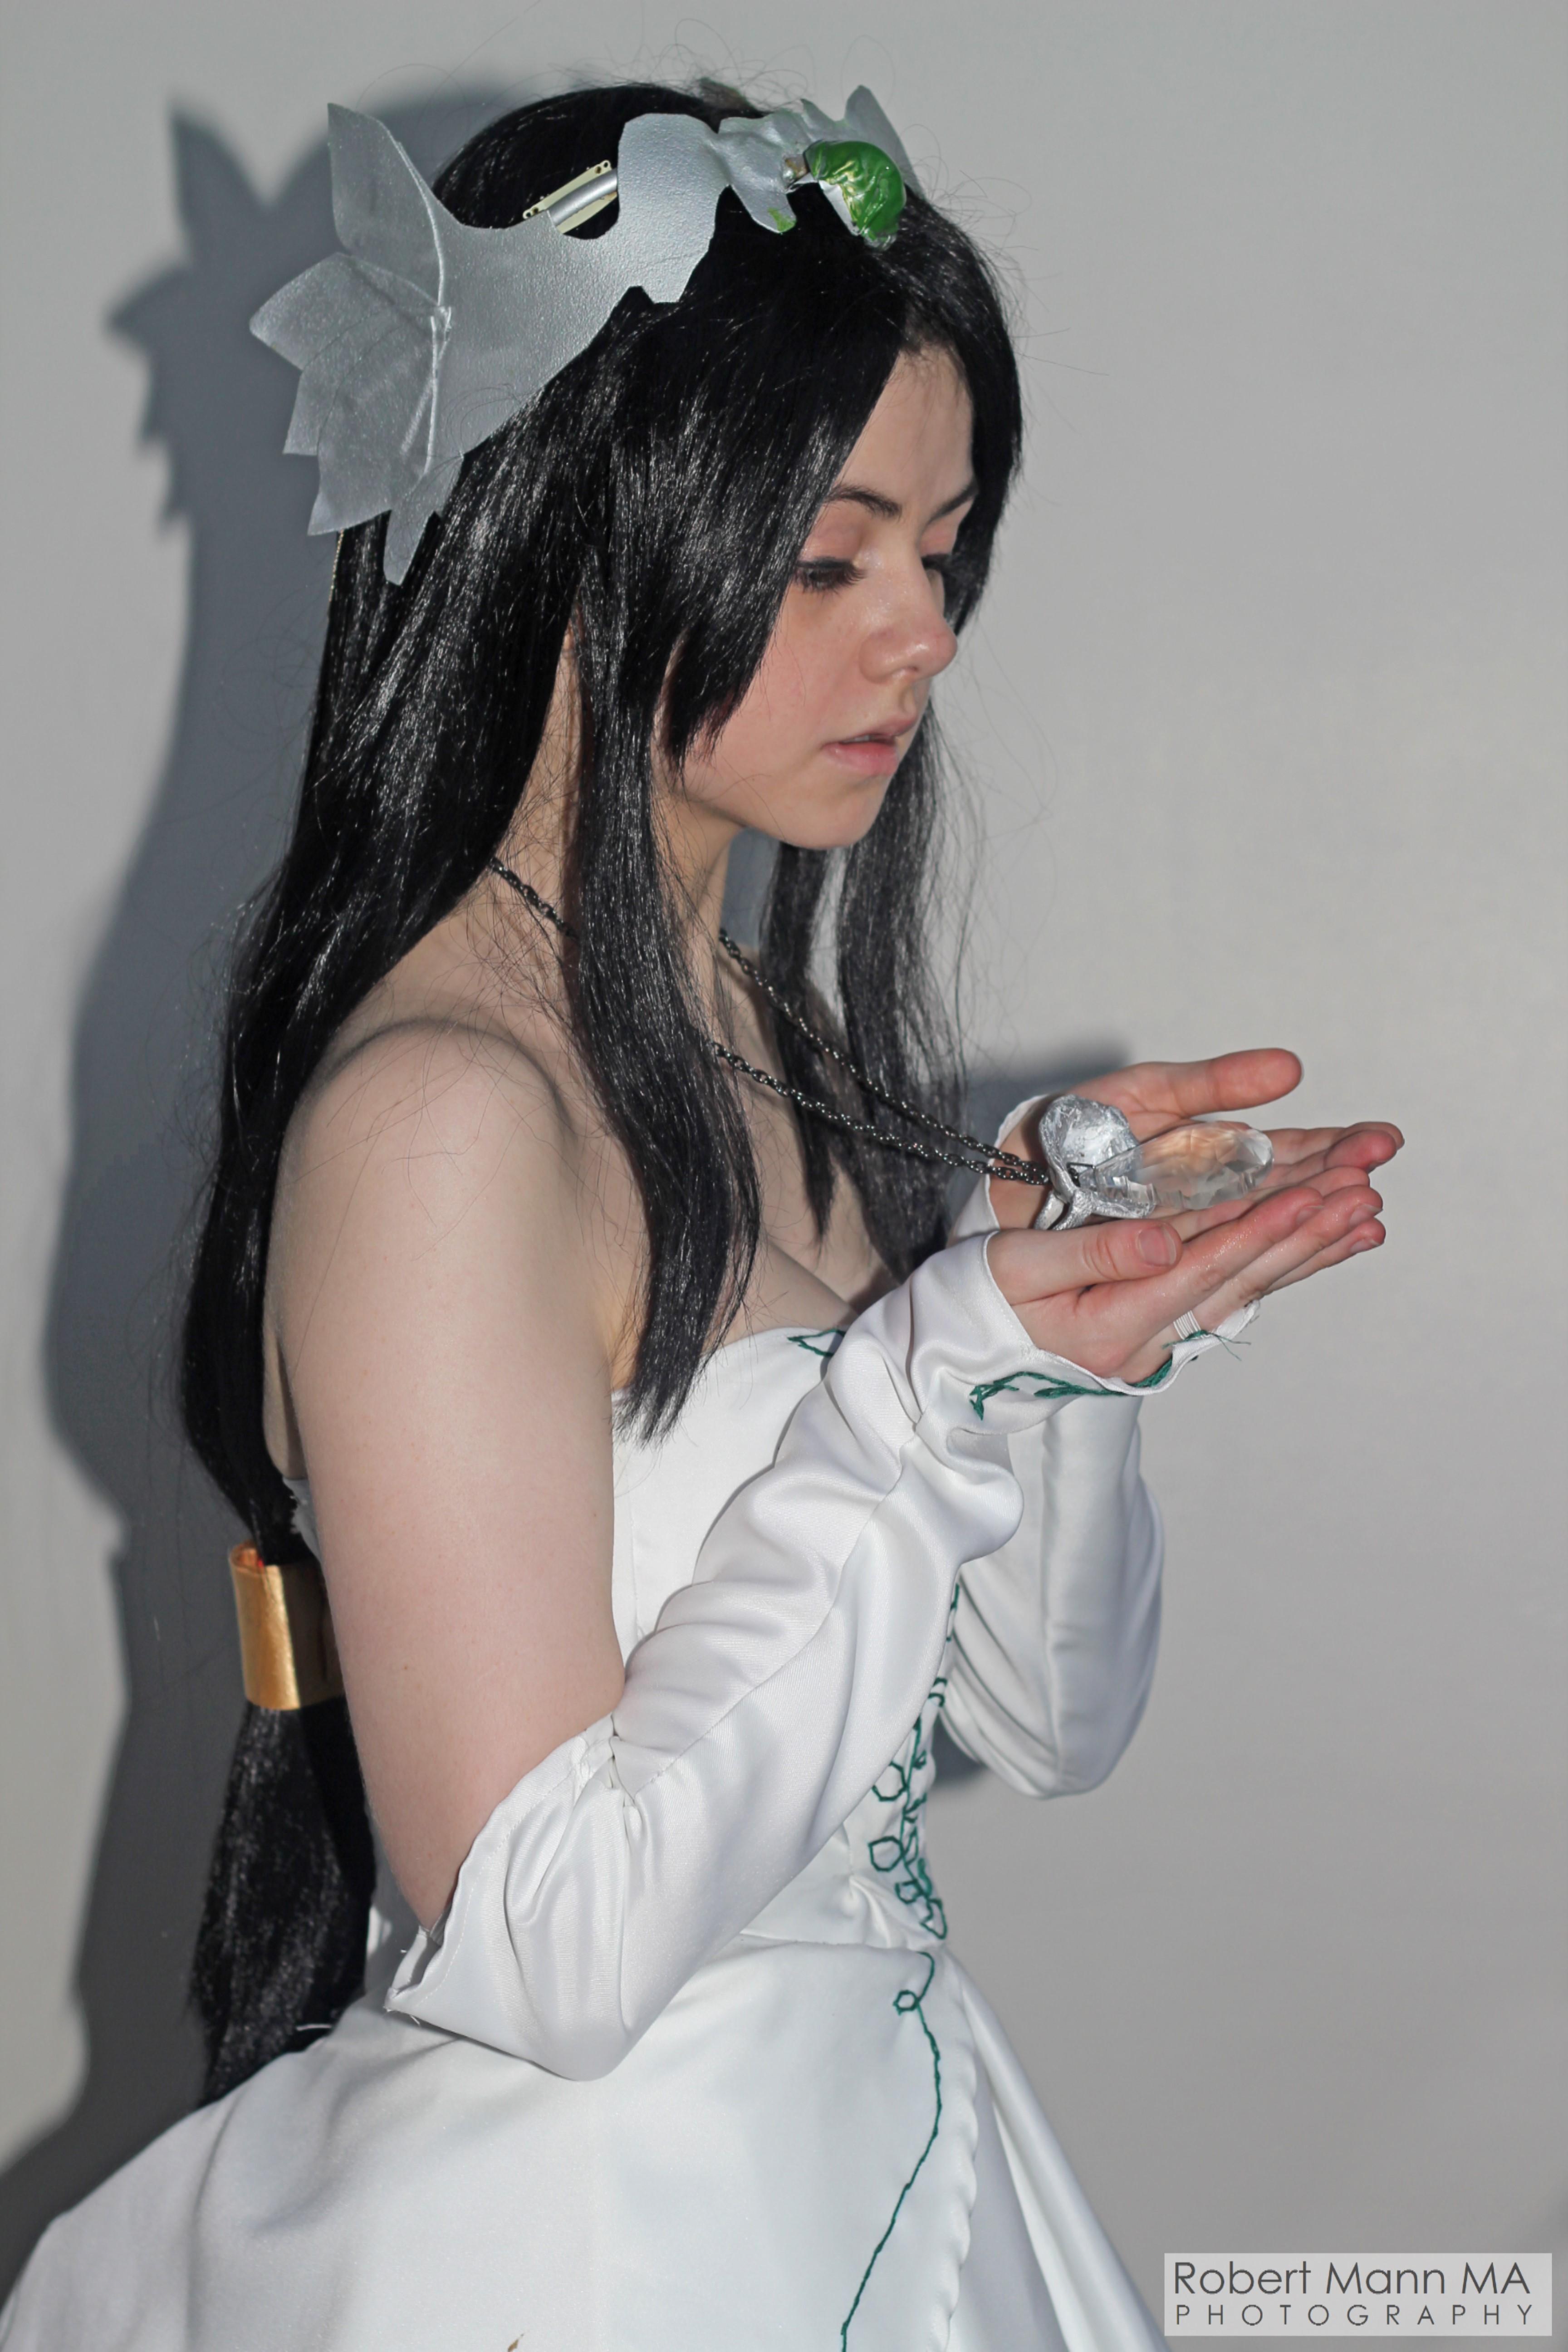 DokiDoki2015-Costumes,Cosplay&Lolita135